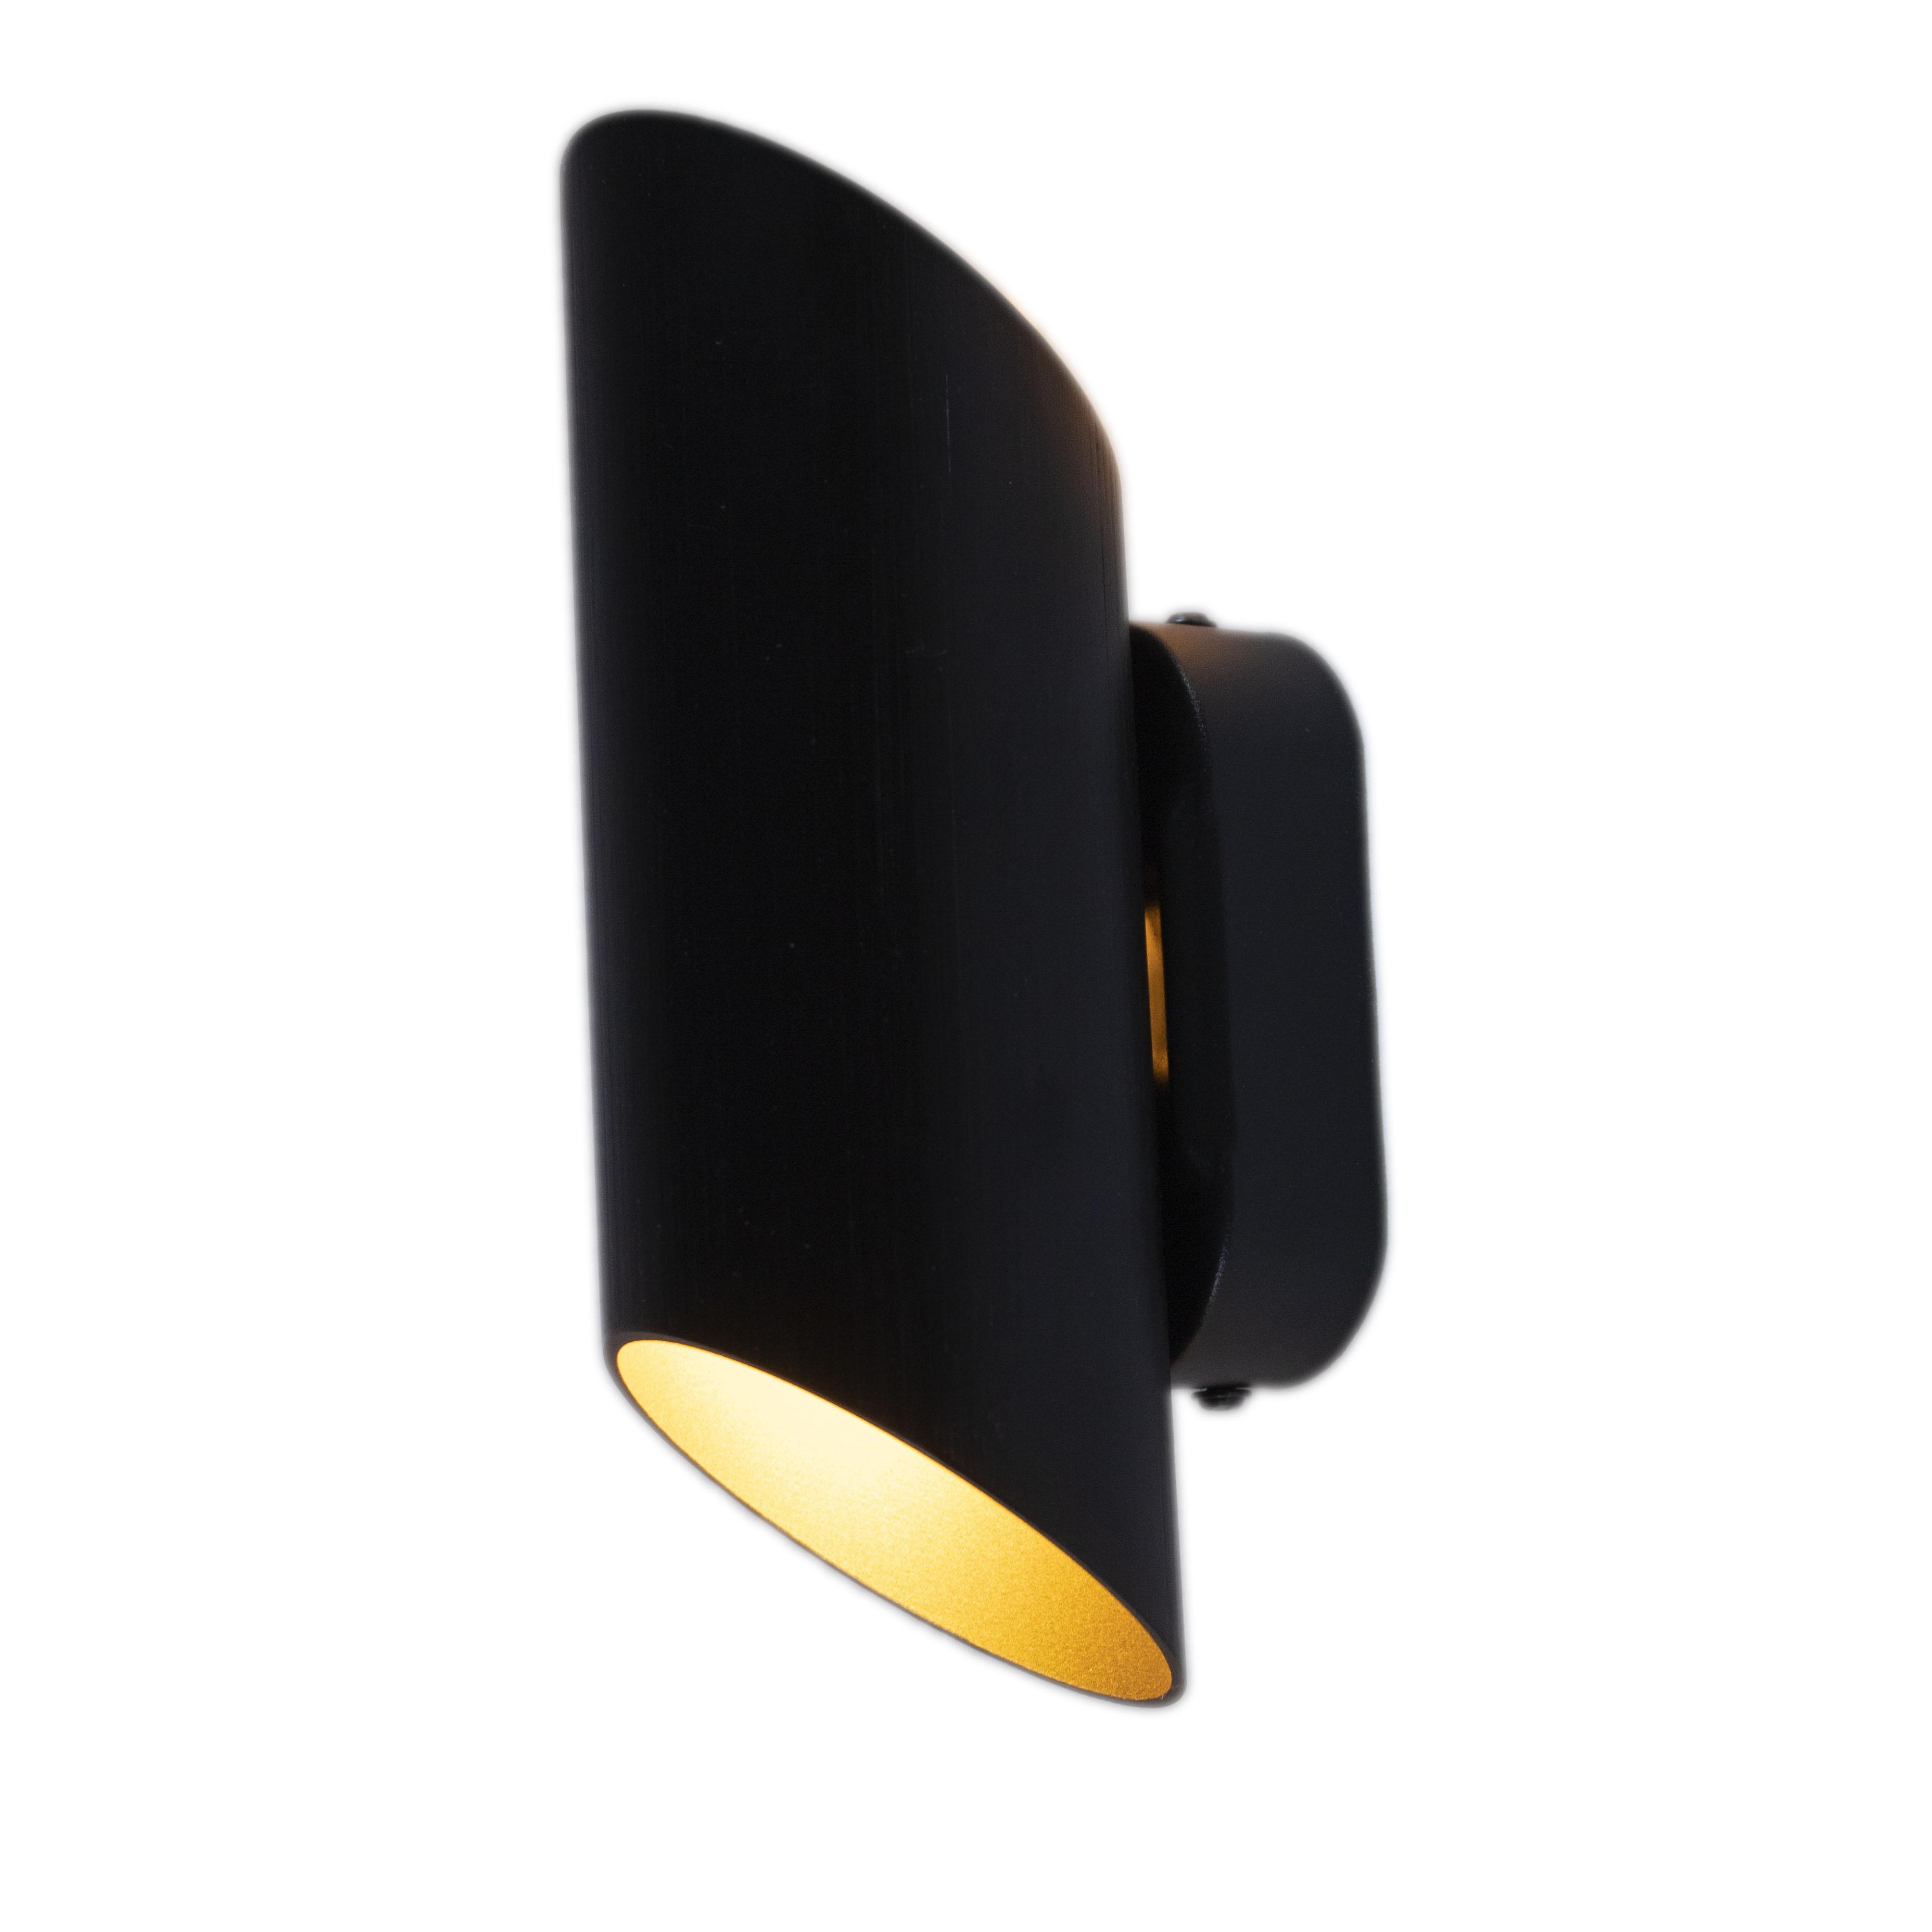 LED Wandlamp - rond - zwart - G9 fitting - vooraanzicht - dimbaar